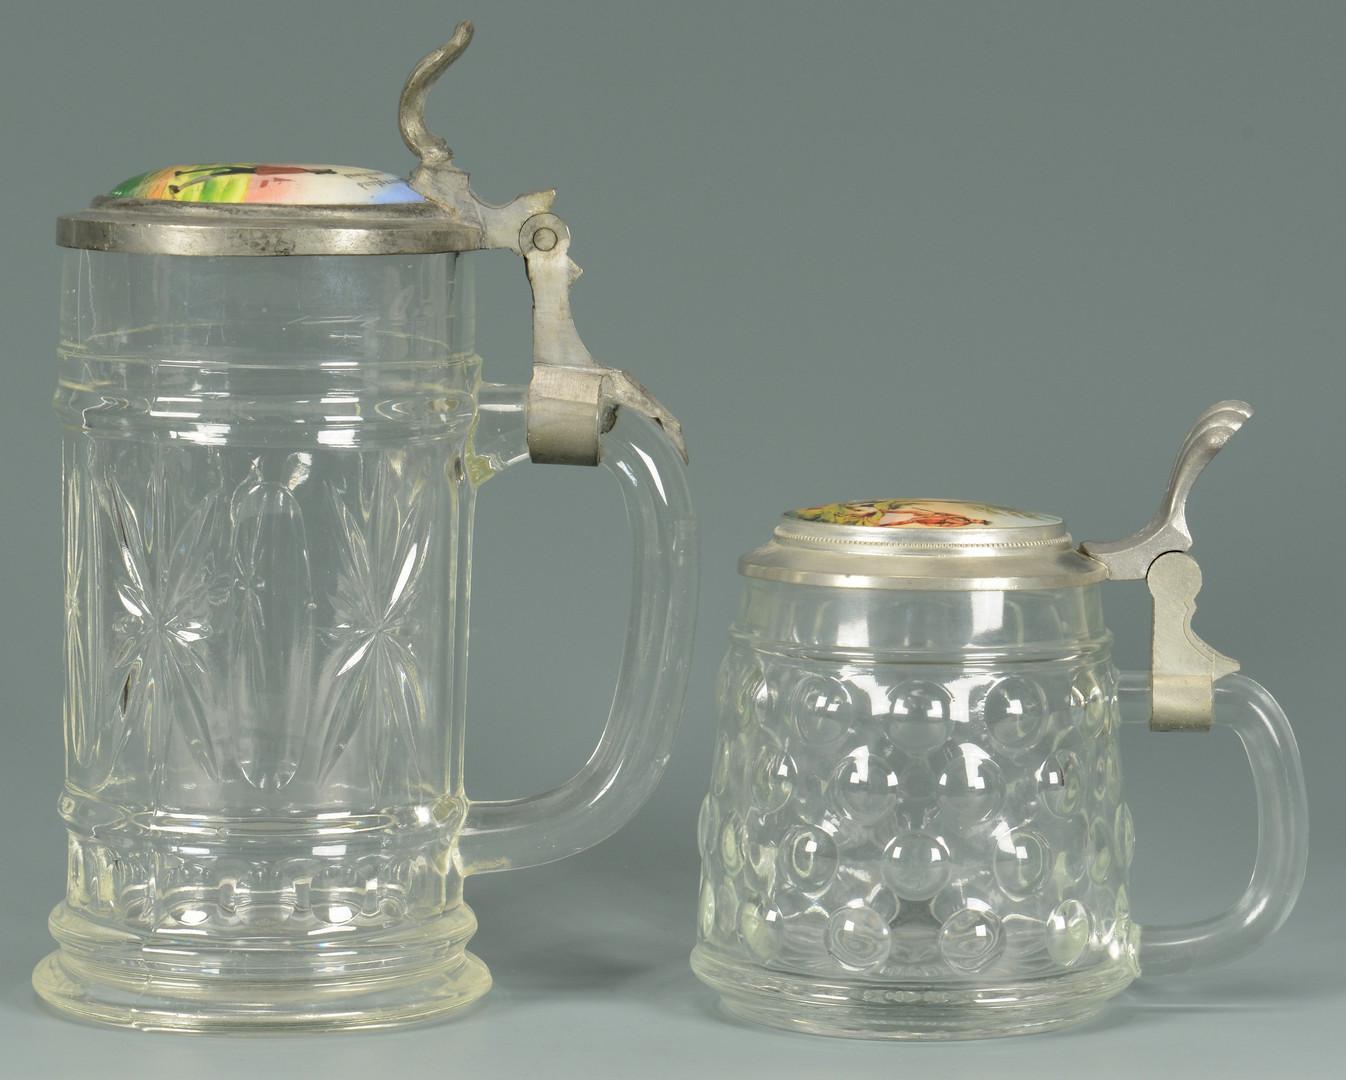 Lot 892: 7 German Steins – 4 Glass & 3 Earthenware